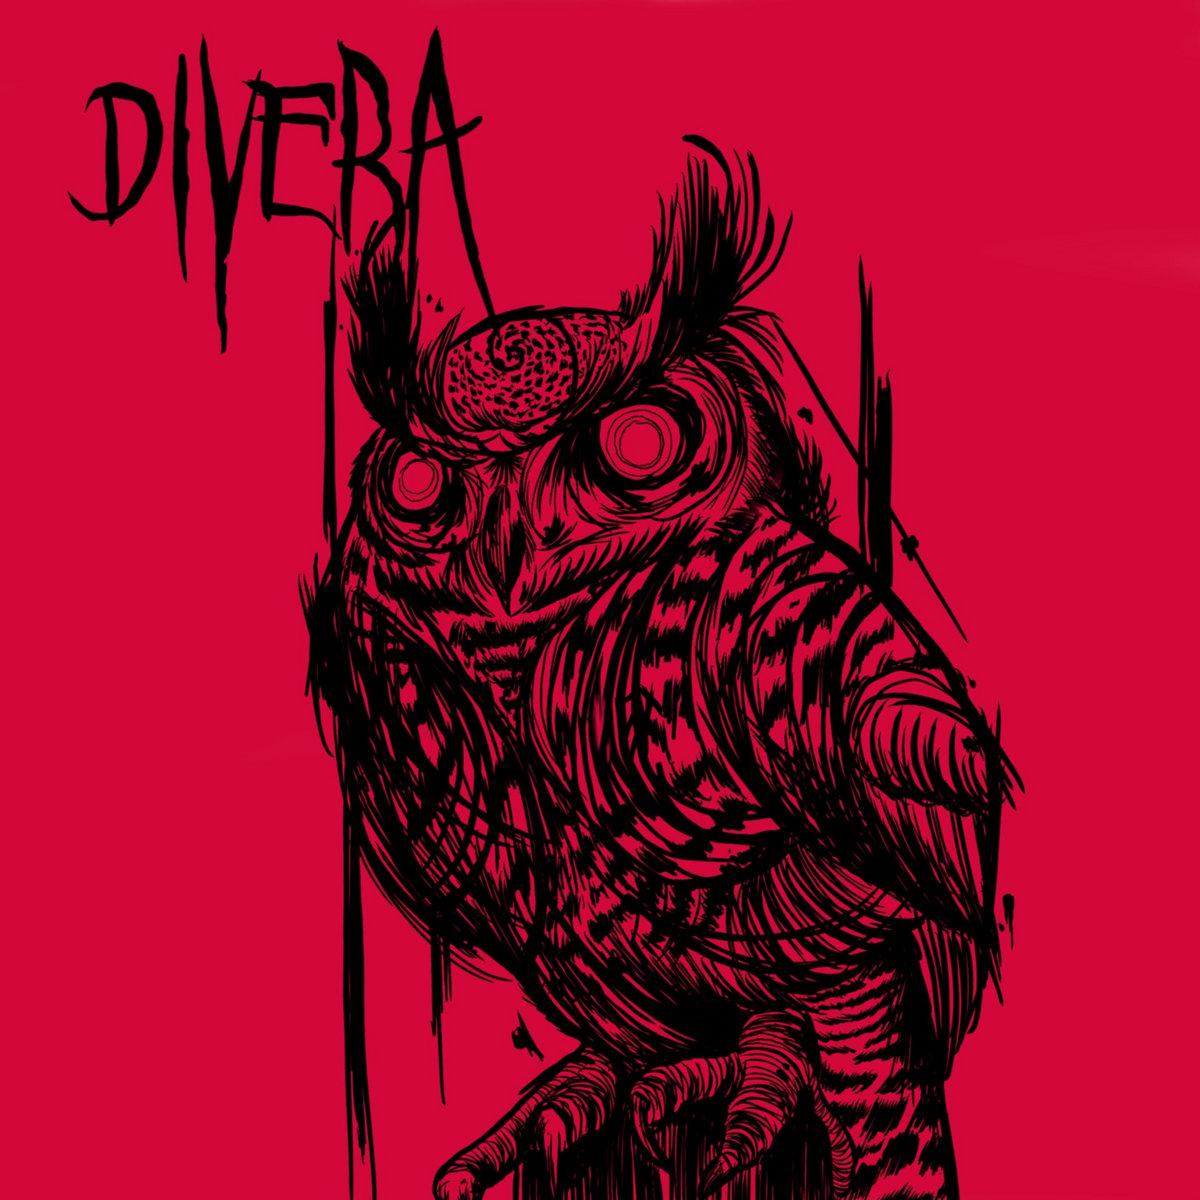 www.facebook.com/divera666